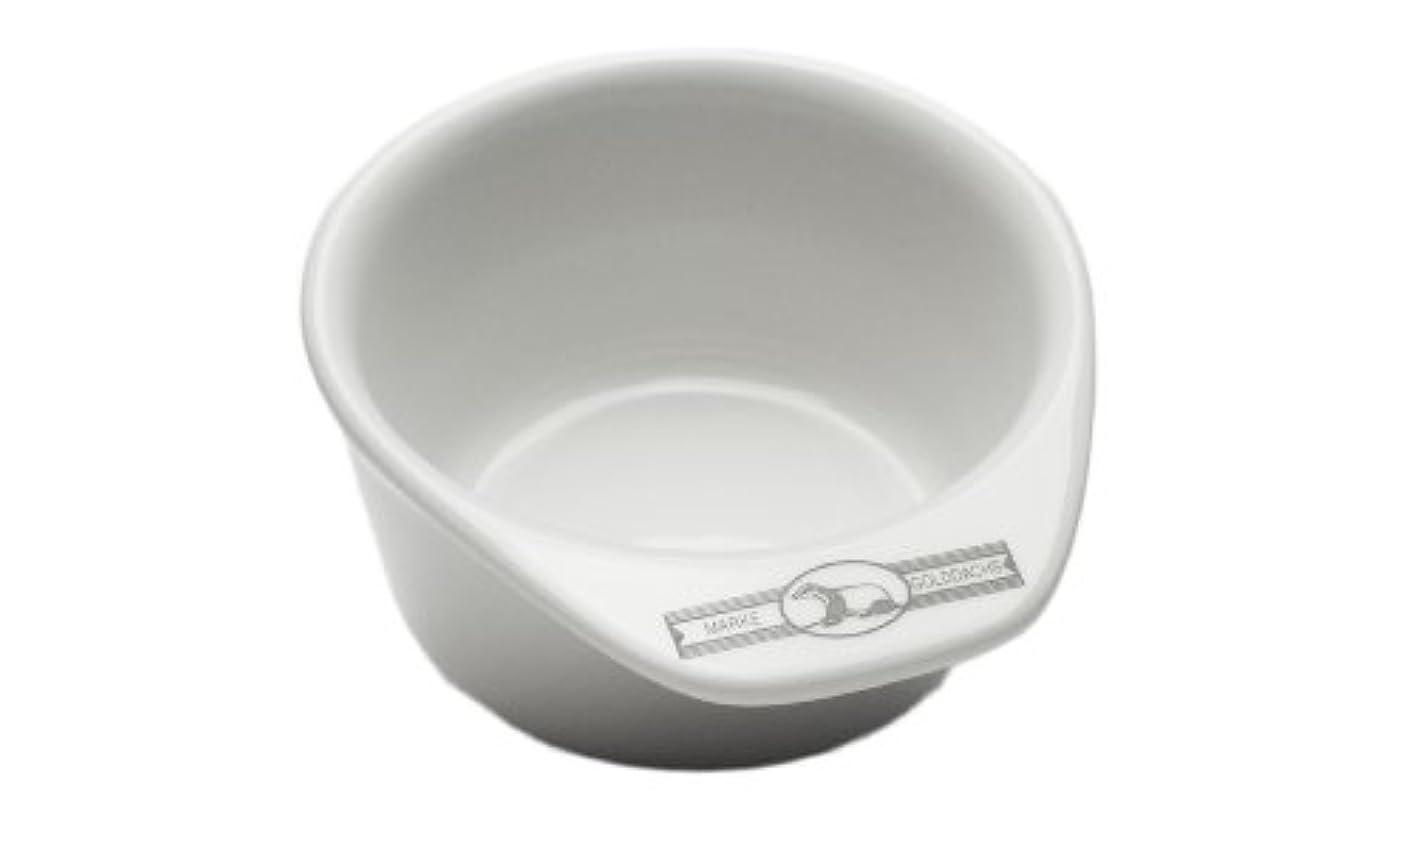 速度橋脚サージGolddachs shaving pot, Porcelain with handle